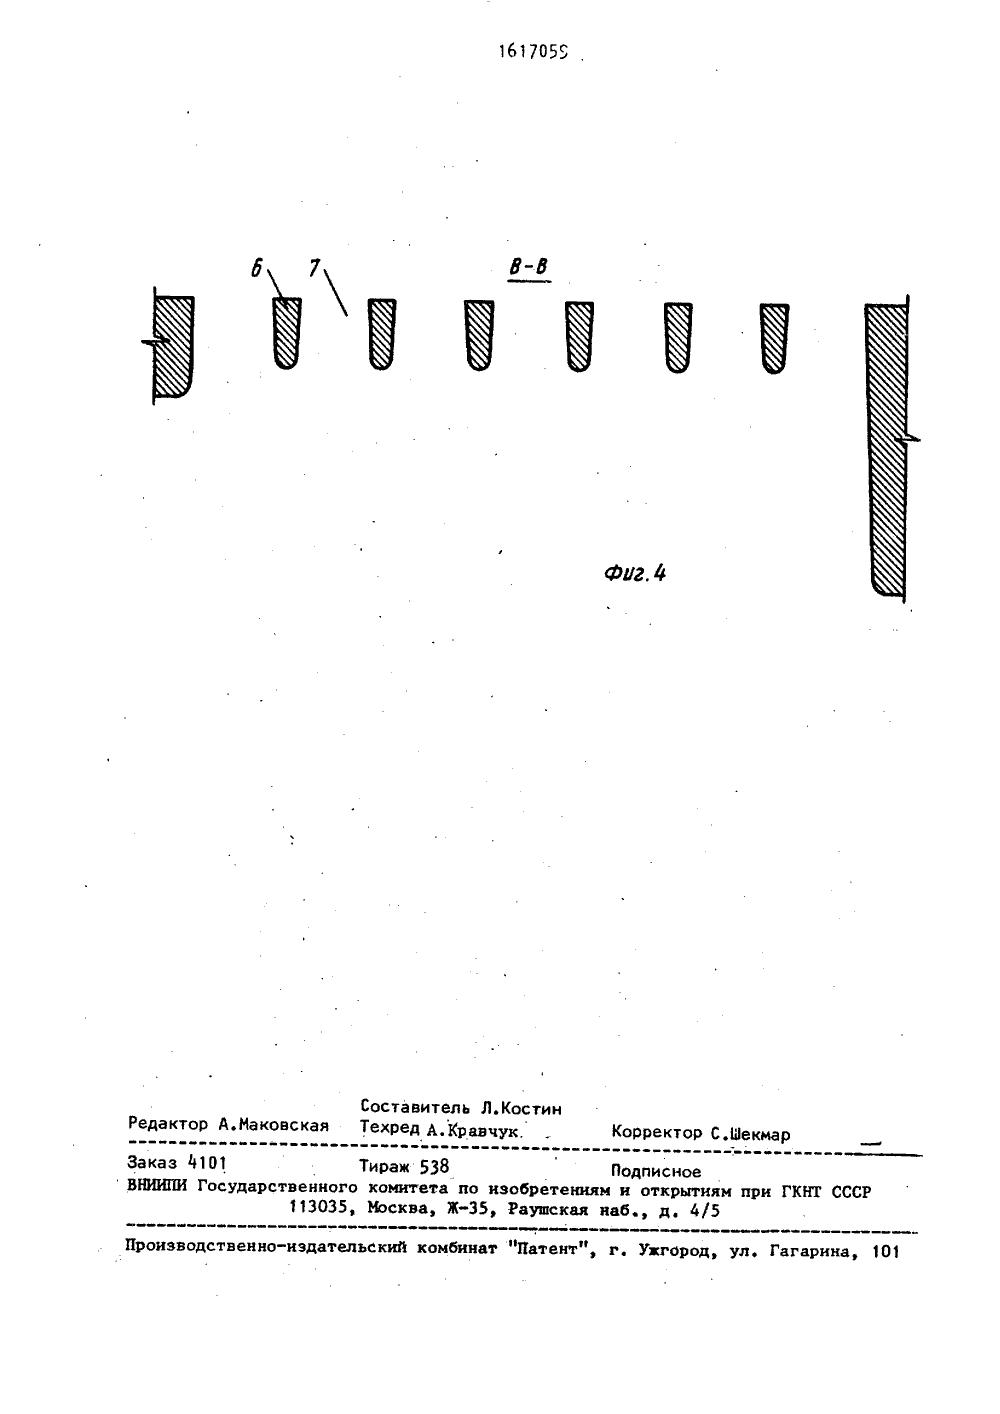 Плита перекрытия из алюминия линии производства плит перекрытия